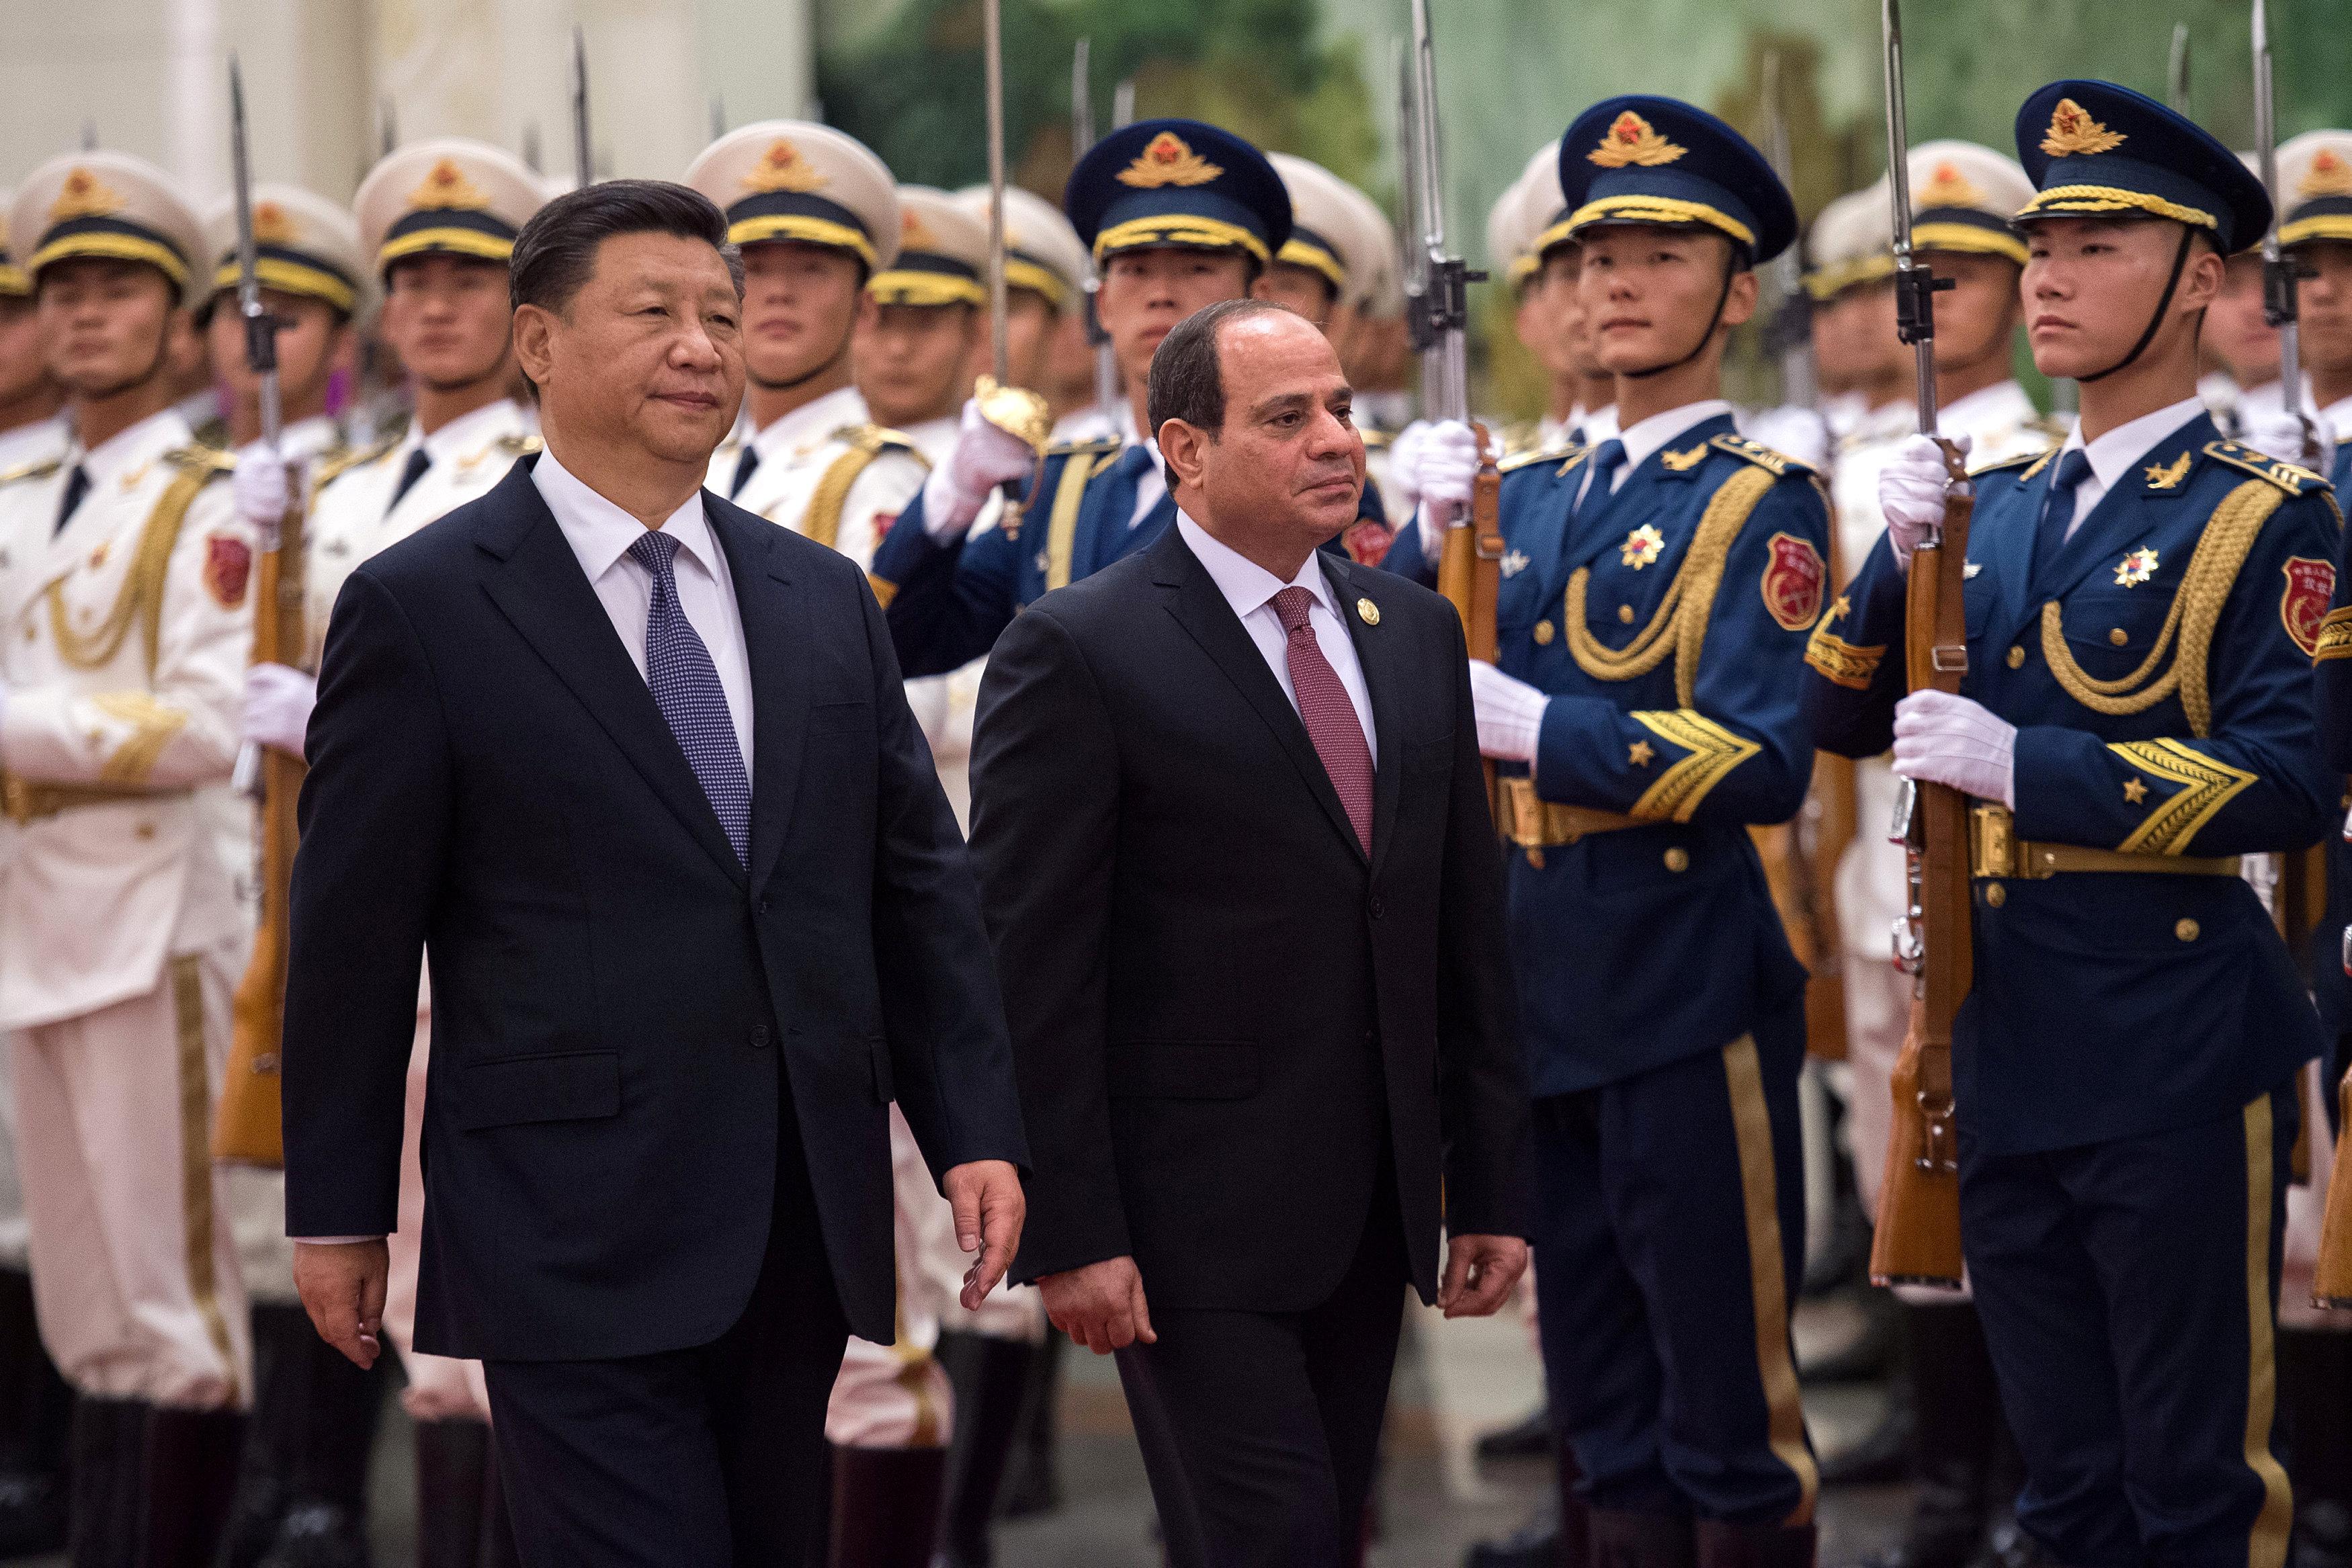 مراسم استقبال رسمية للسيسى فى بكين  (9)